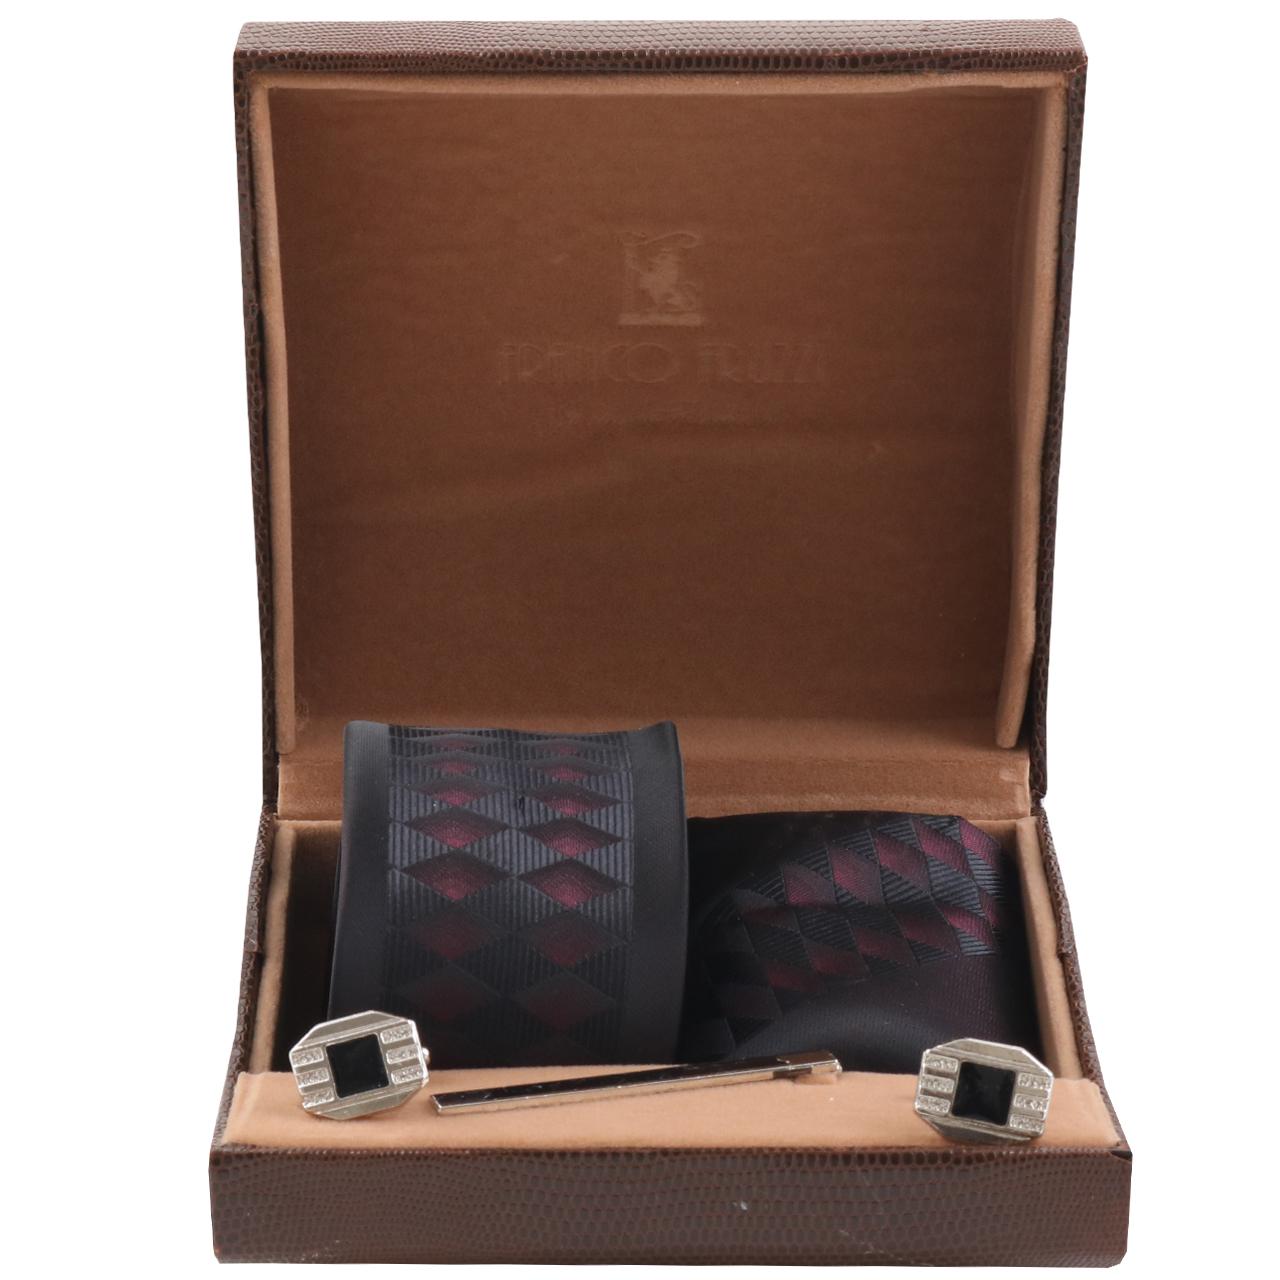 ست کراوات و دستمال جیب و دکمه سر دست مردانه کد SH-1144-A